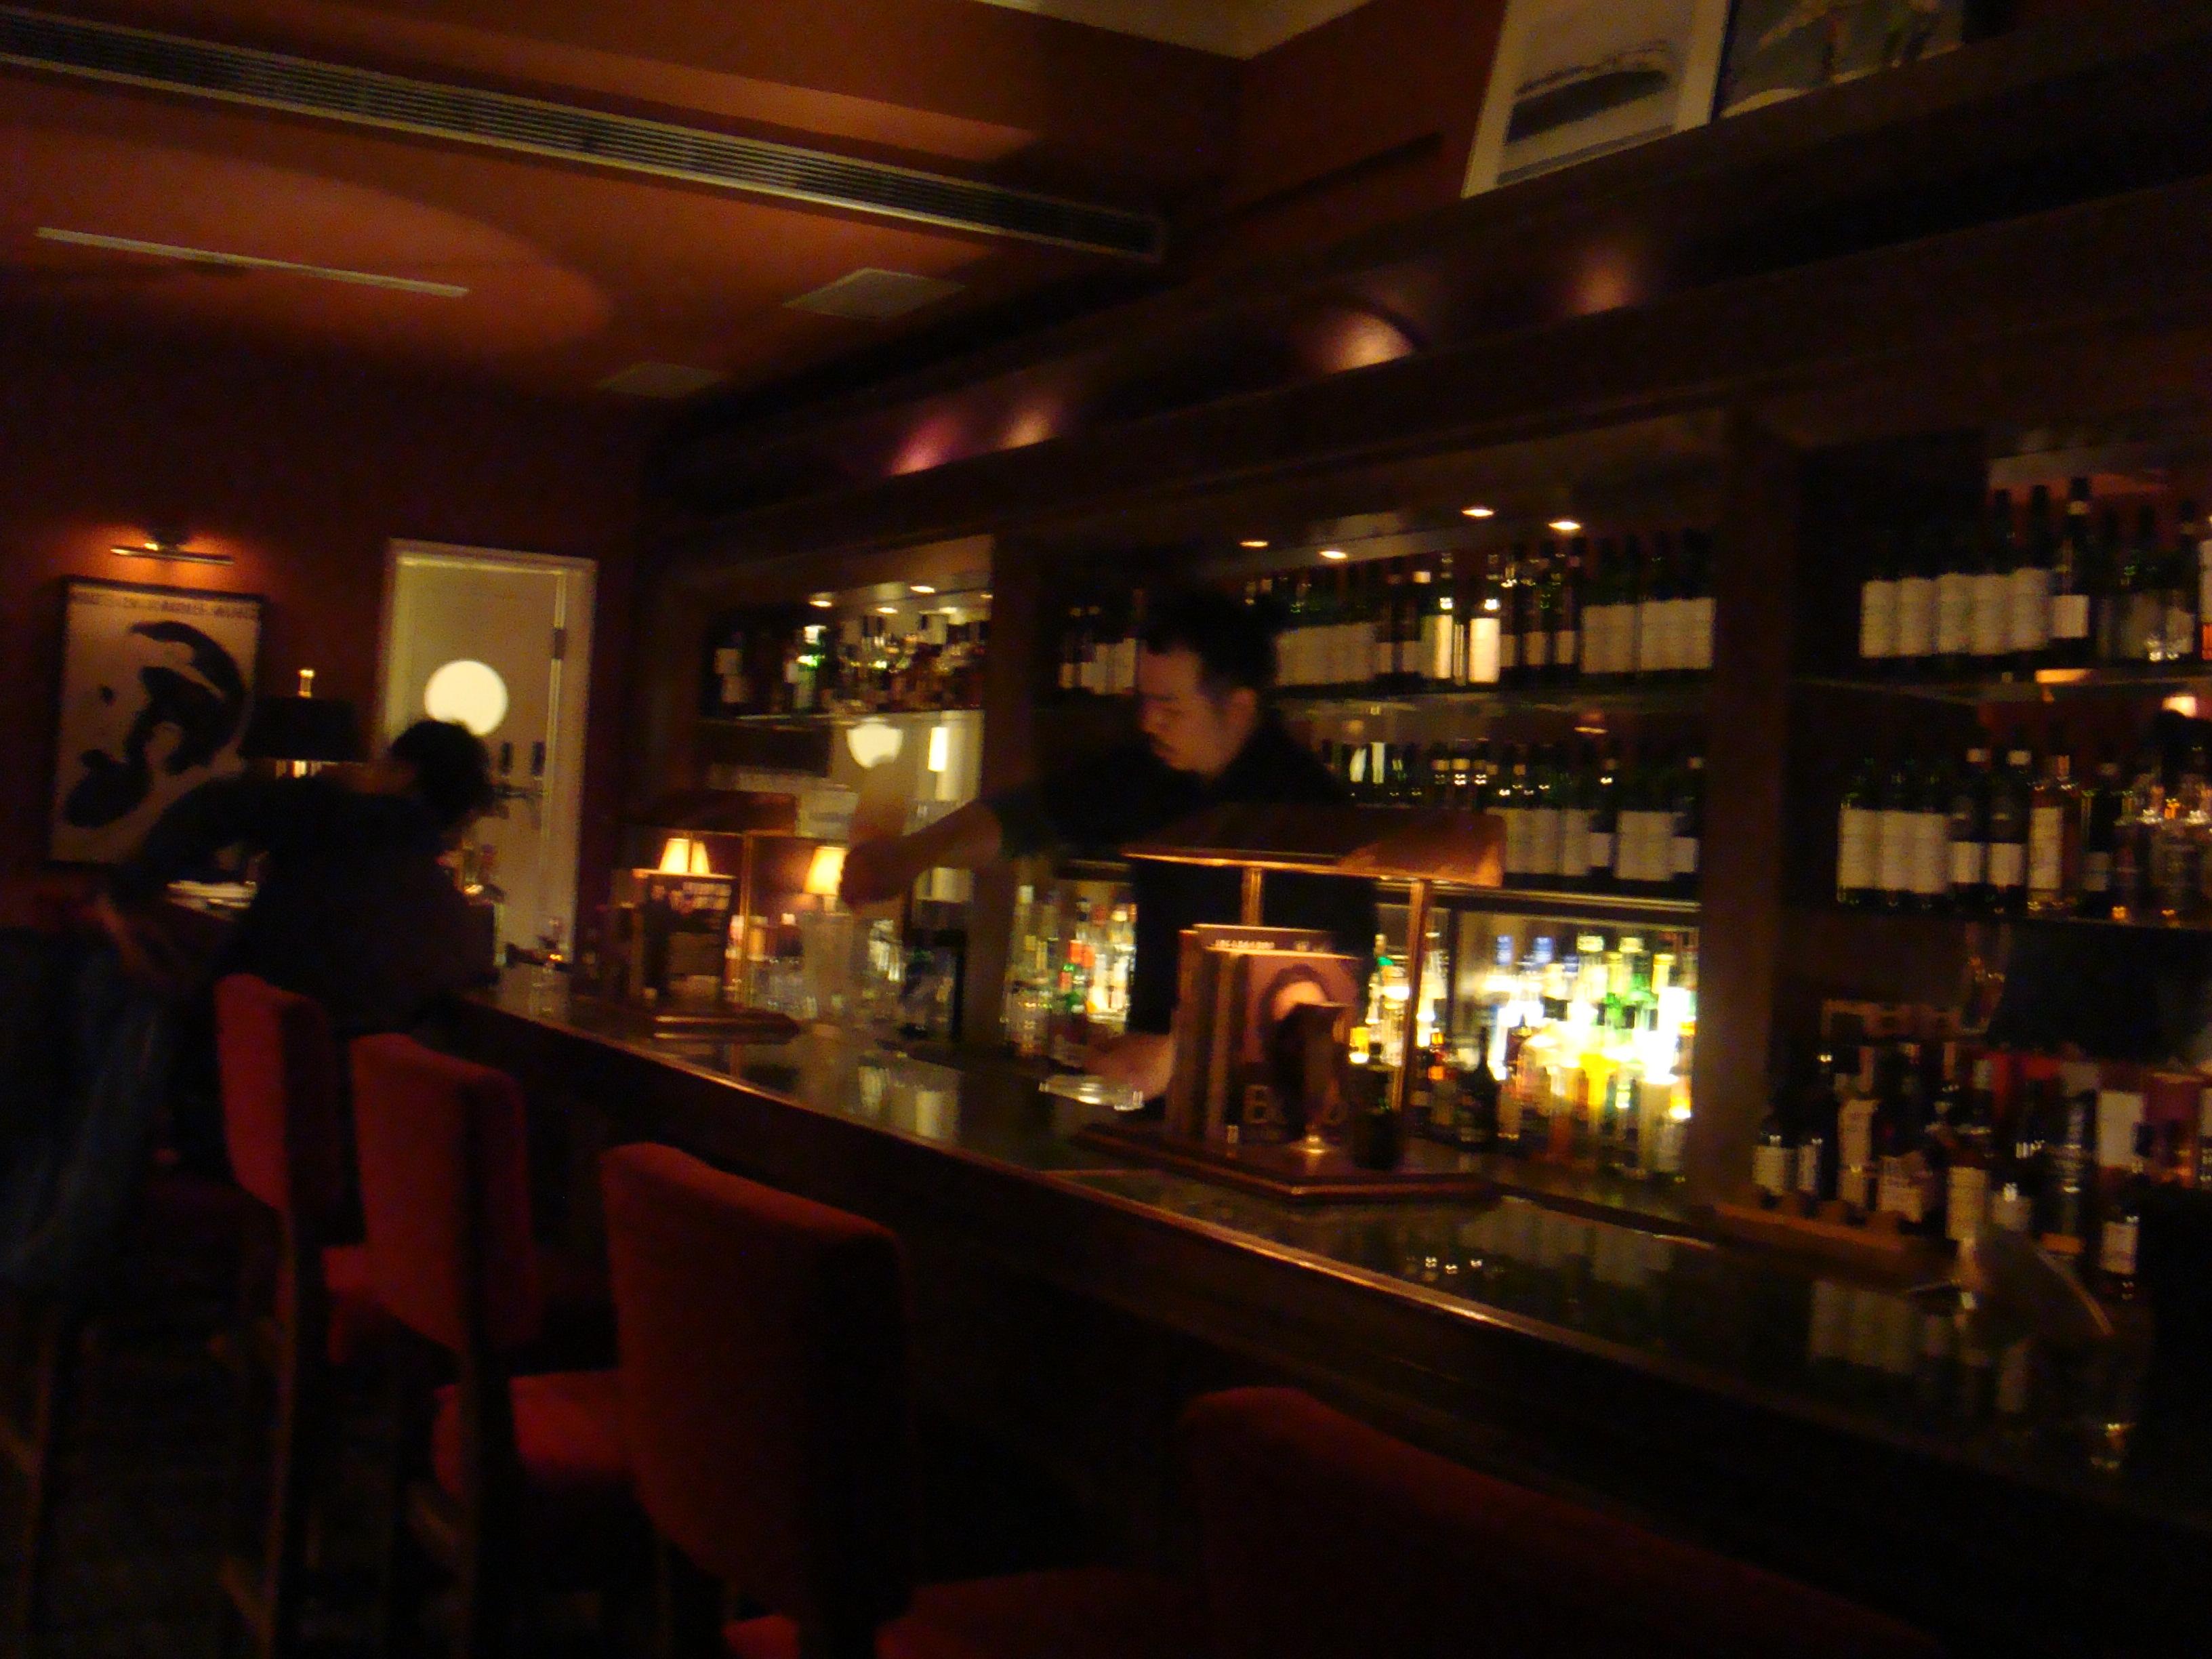 20110218-0219Marsalis Bar 馬沙里斯爵士酒館 吧台